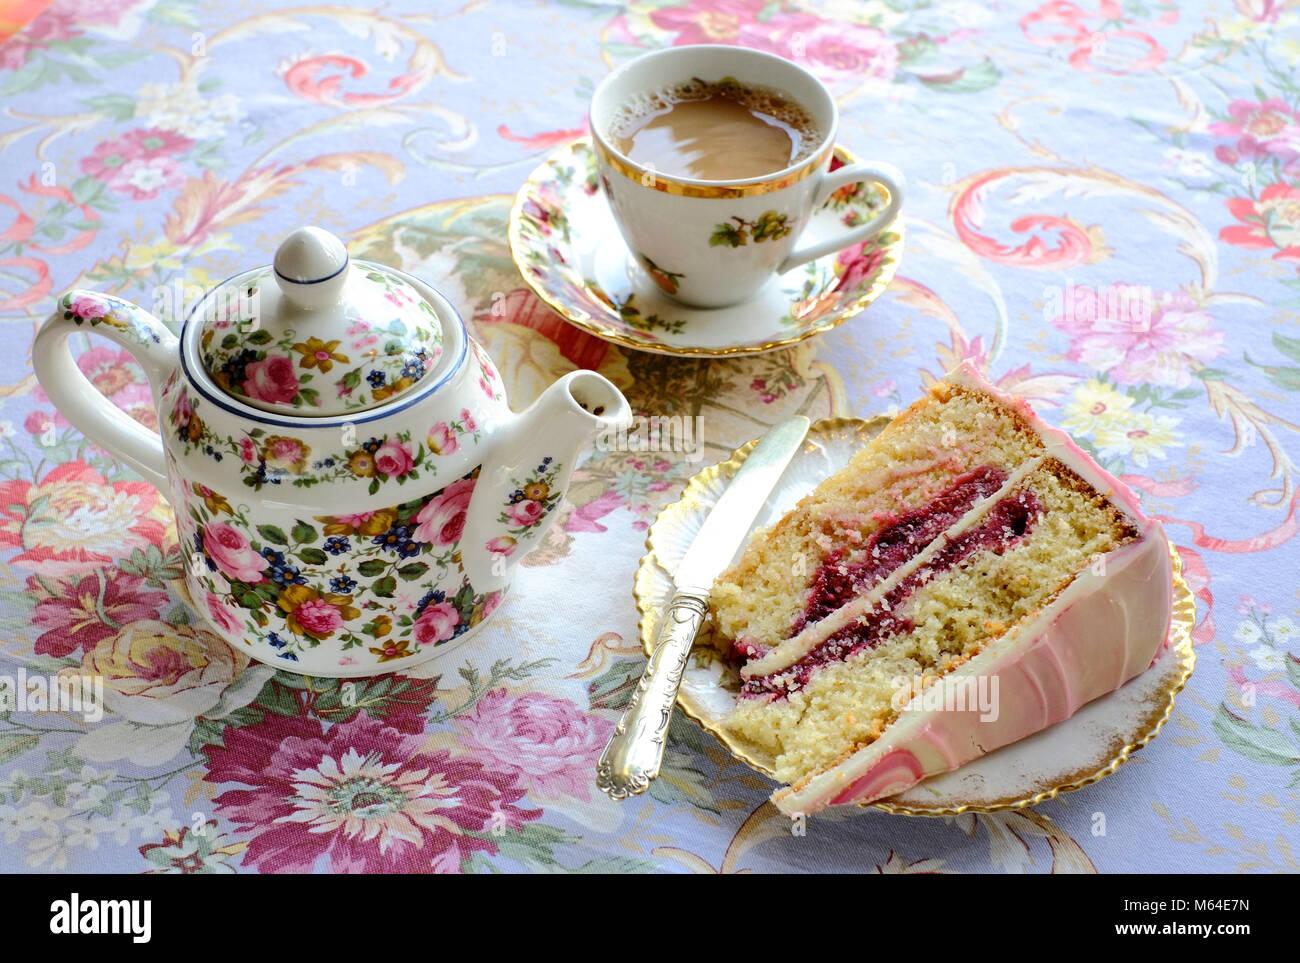 Il tè del pomeriggio ad Heavenly cafe-chocolatier, Llandeilo, Carmarthenshire, Galles Immagini Stock